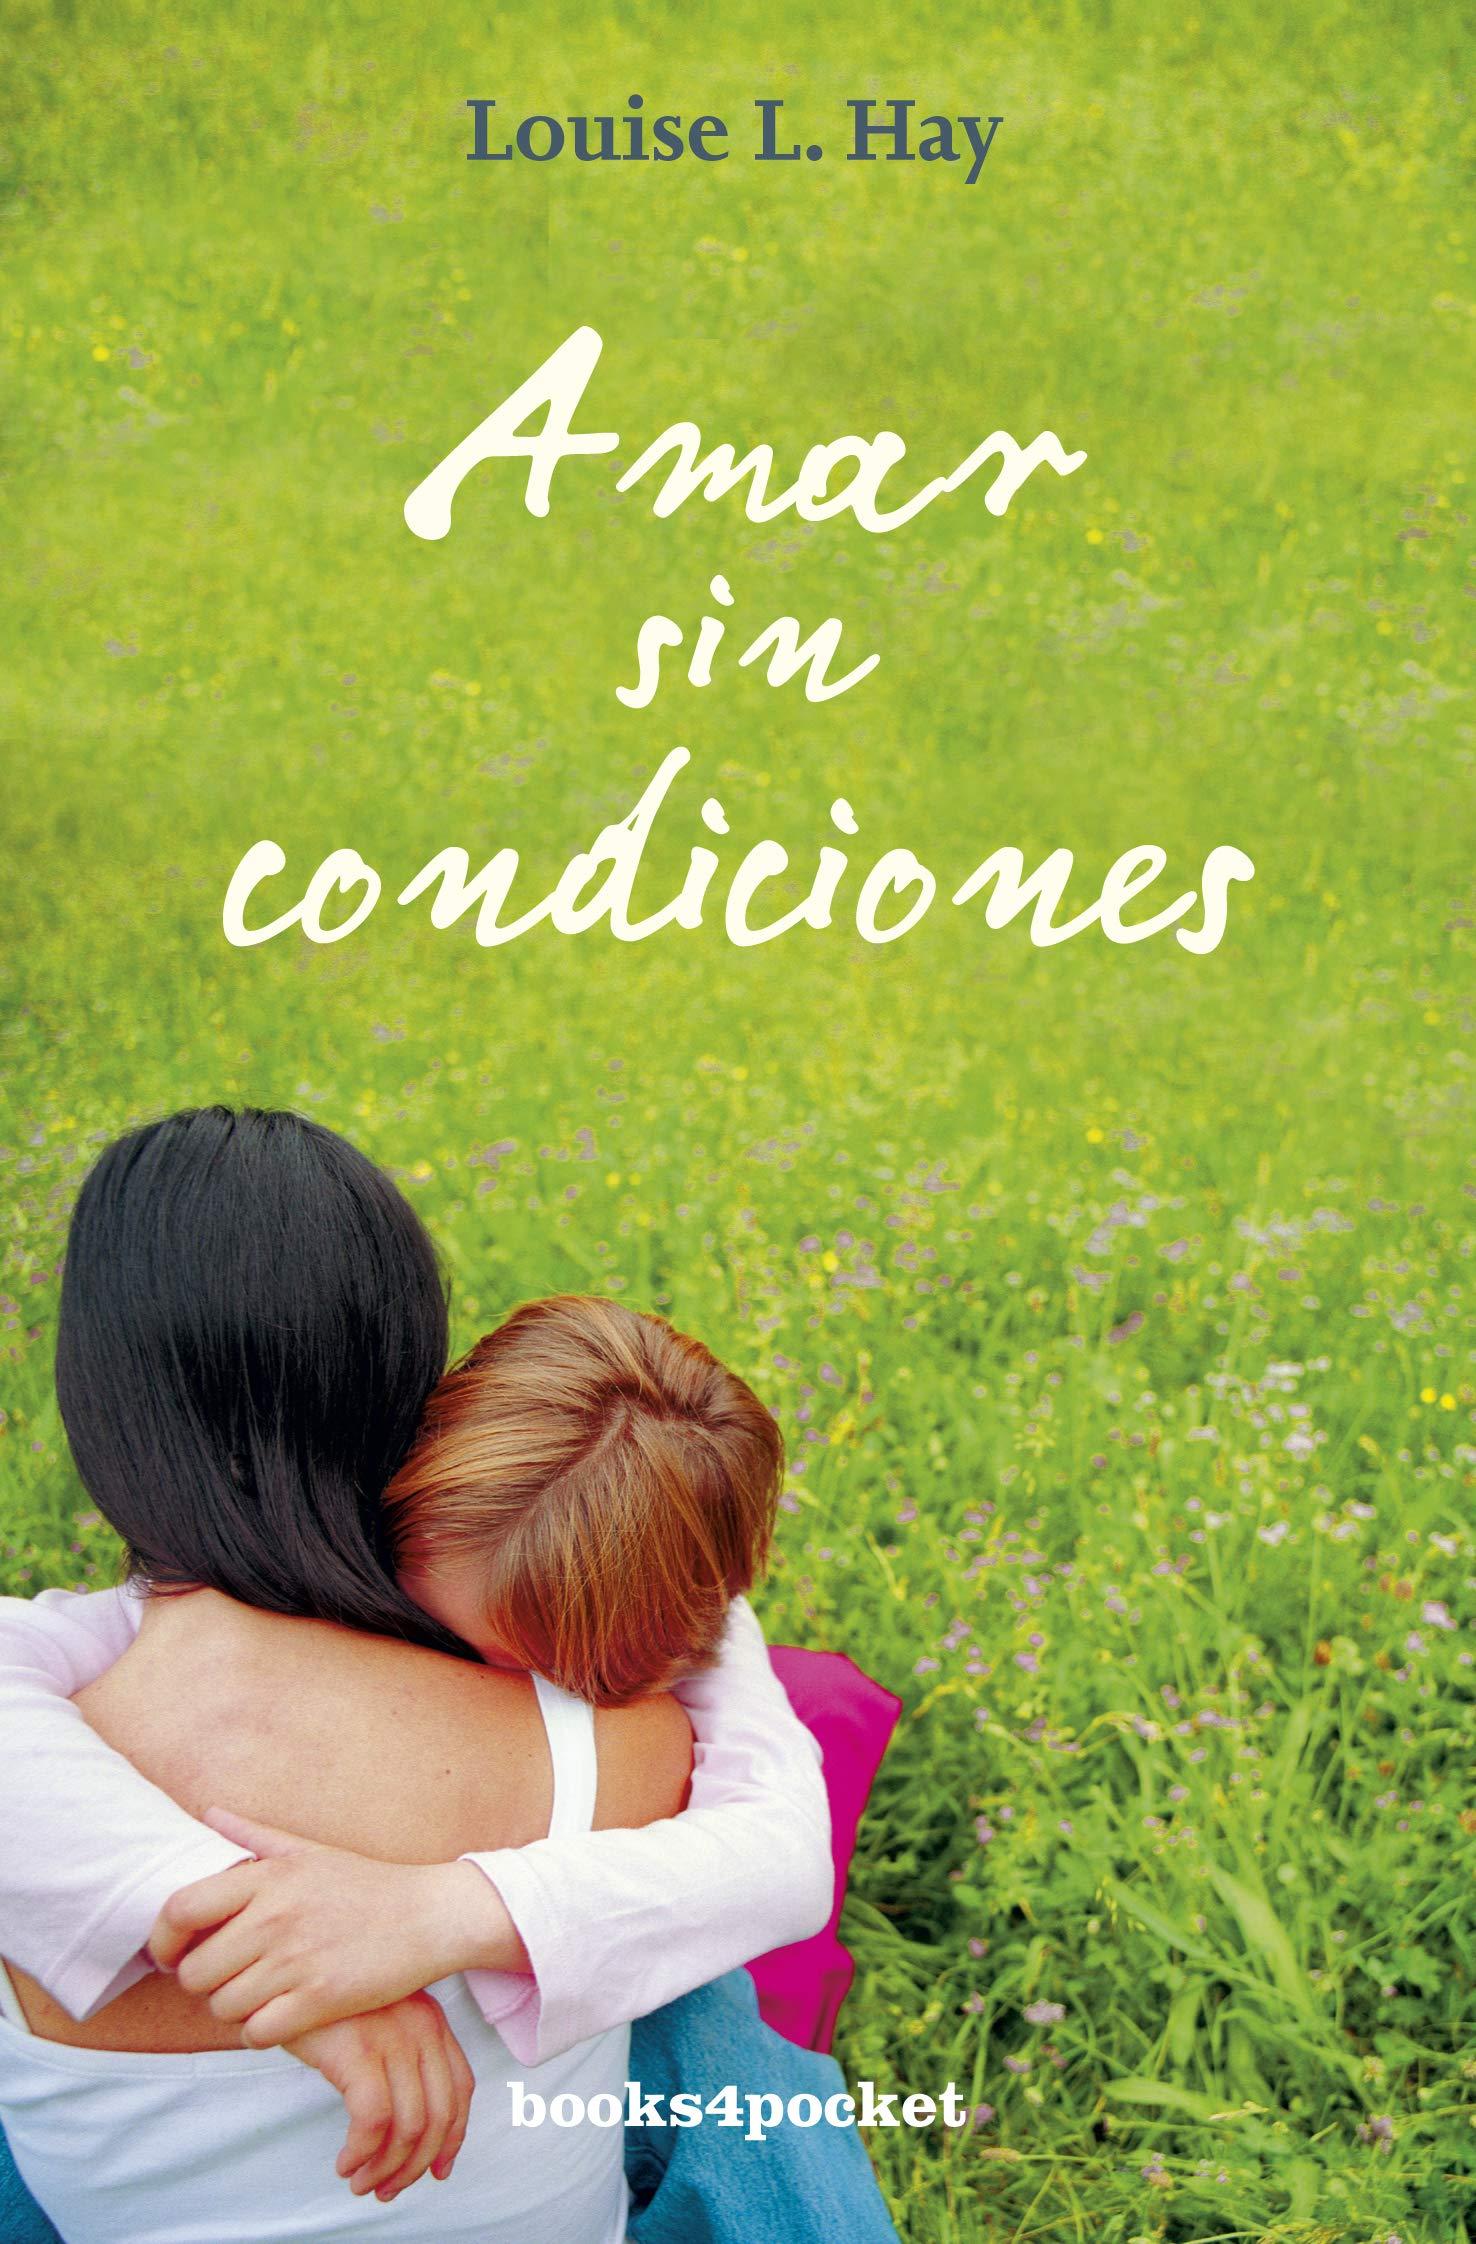 Amar sin condiciones (Books4pocket crec. y salud): Amazon.es: Louise Hay:  Libros